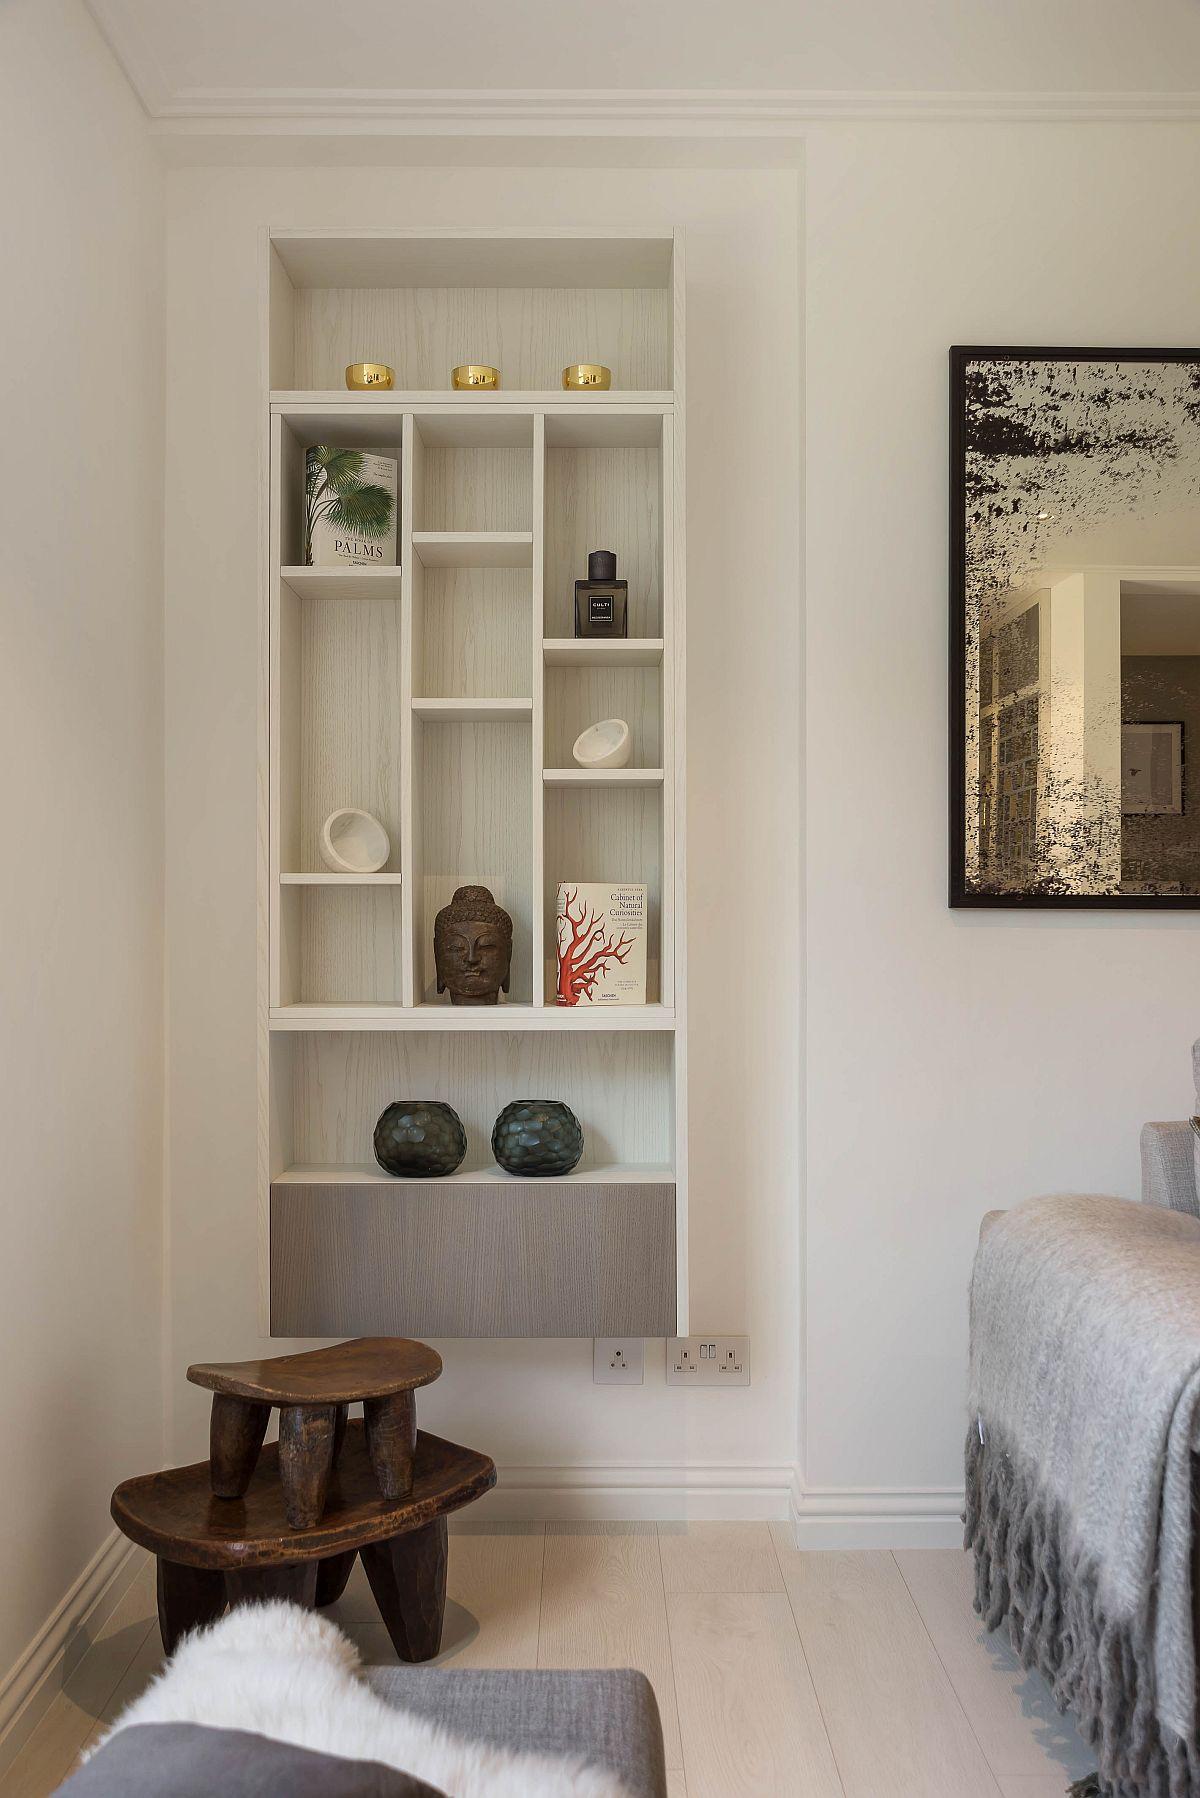 În colțul cel mai vizibil al camerei este amplasată o bibliotecă, dar piesa de mobilier a fost gîndită suspendată pentru a nu ocupa din suprafața pardoselii, un alt truc bine de știut mai ales într-un spațiu mic: cu cât pardoseala est emai puțin acoperită de mobilier, cu atât încăperea pare mai generoasă.